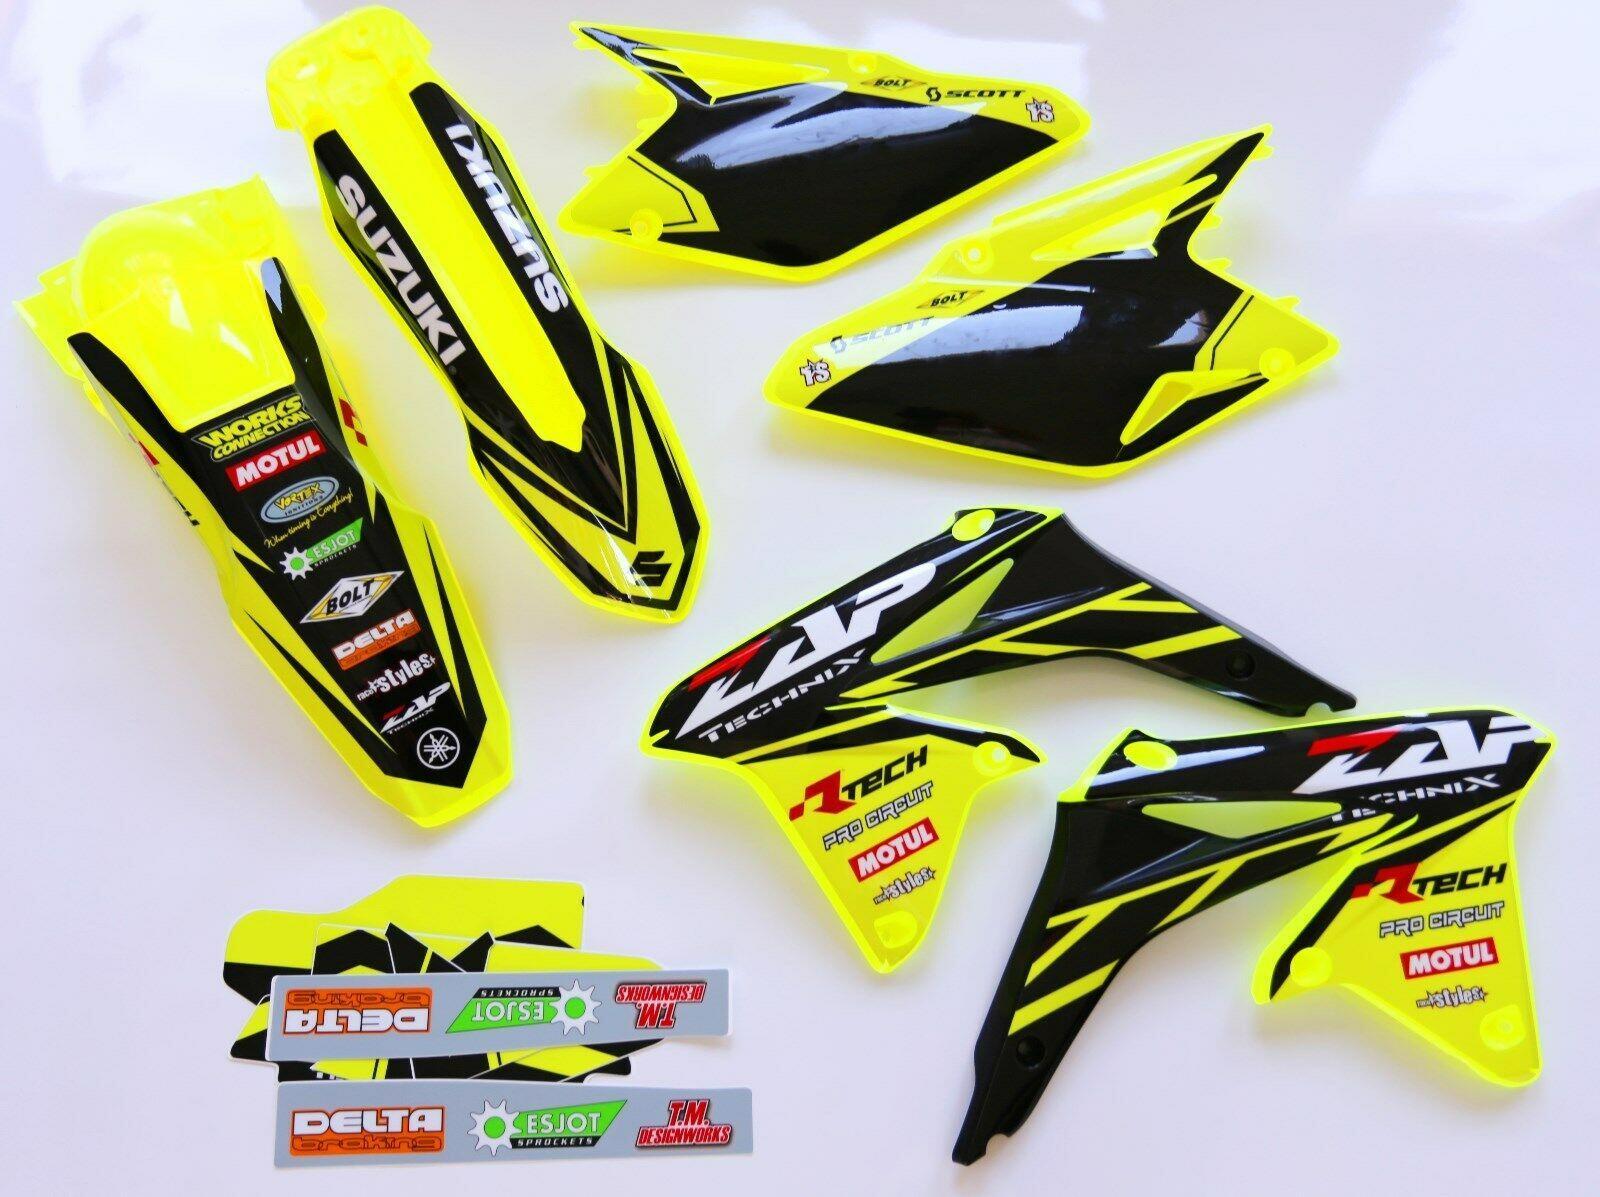 Der Plastik-Kit für SUZUKI RMZ 250, 2010-2017 oder SUZUKI RMZ 450, 2008-2017 in NEON-gelb/schwarz,